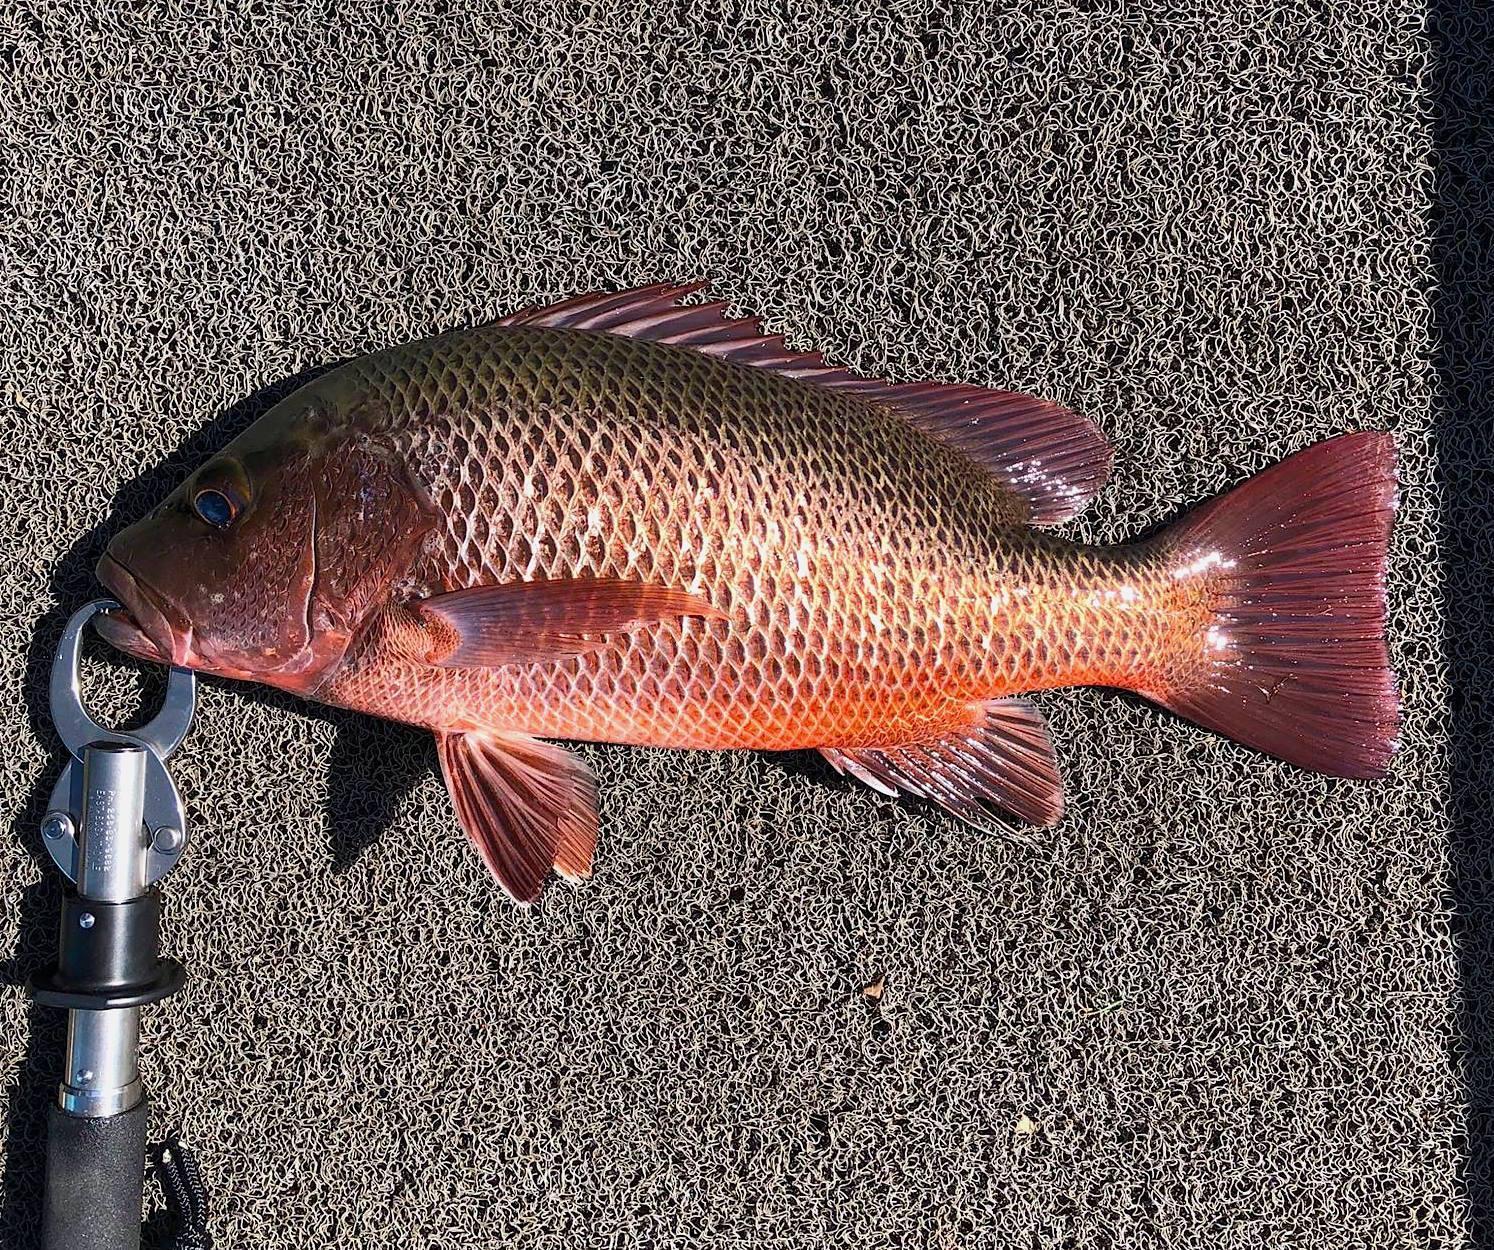 Mangrove Jack Fishing Bolgoda Lake Sri lanka.jpg